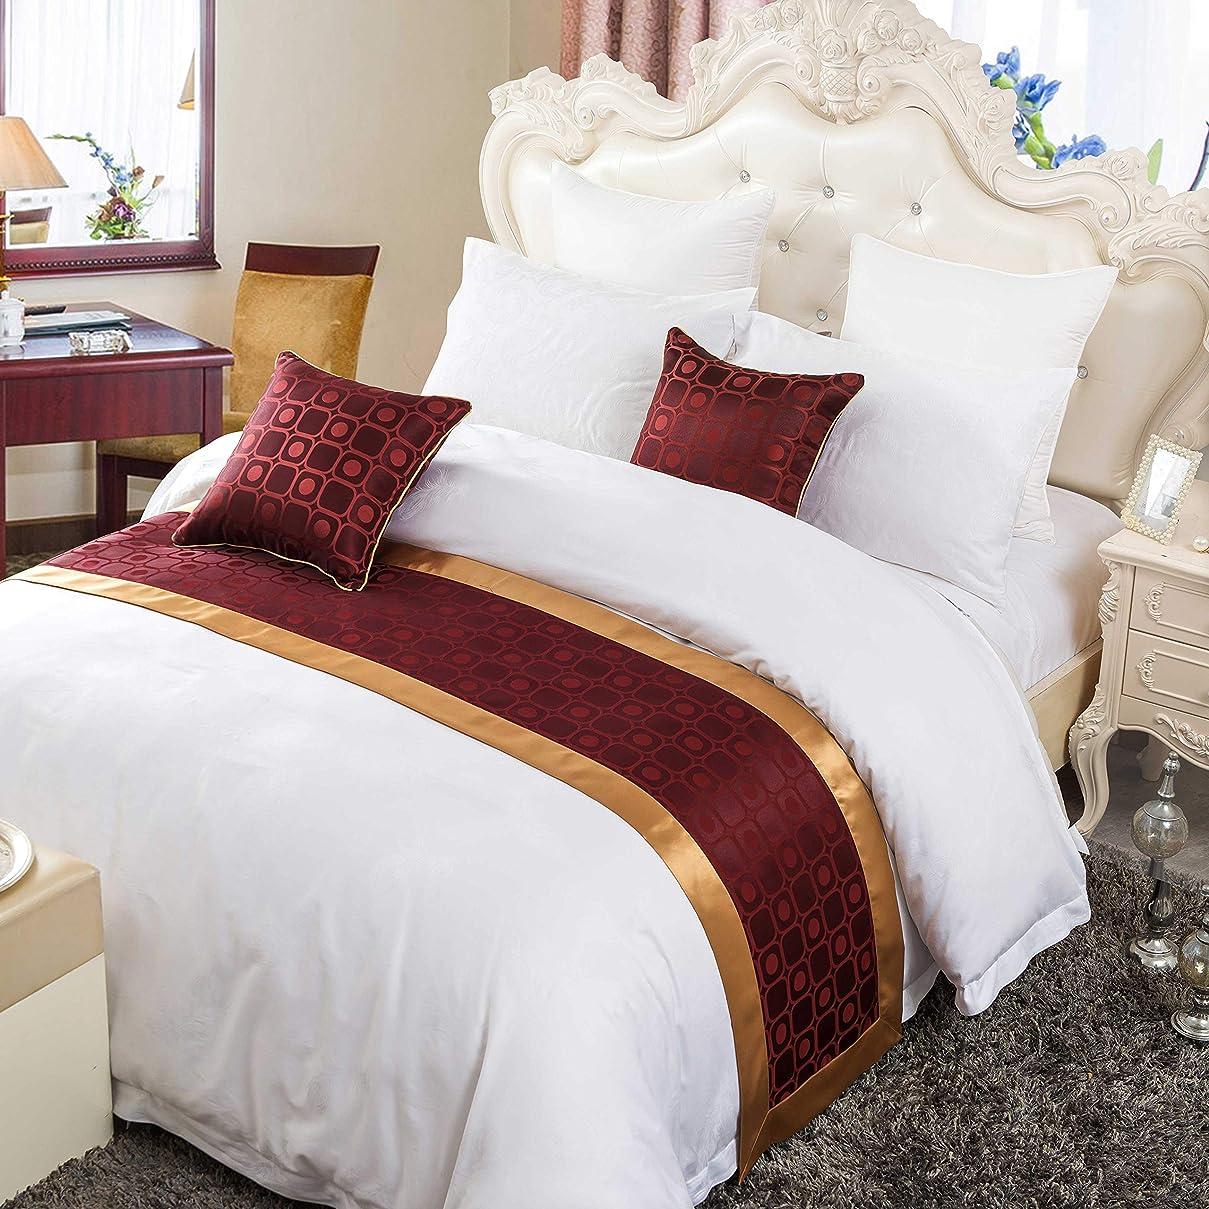 写真のいらいらさせる移動するOSVINO ベッド用品 ベッドアクセサリー ベッドライナー ホテル 自宅 ベッドスロー ジャガード織り 上品 落ち着いた色合い 手軽に高級ホテルの雰囲気を再現 シングル/セミダブル/ダブル (レッド, シングル180x50cm)